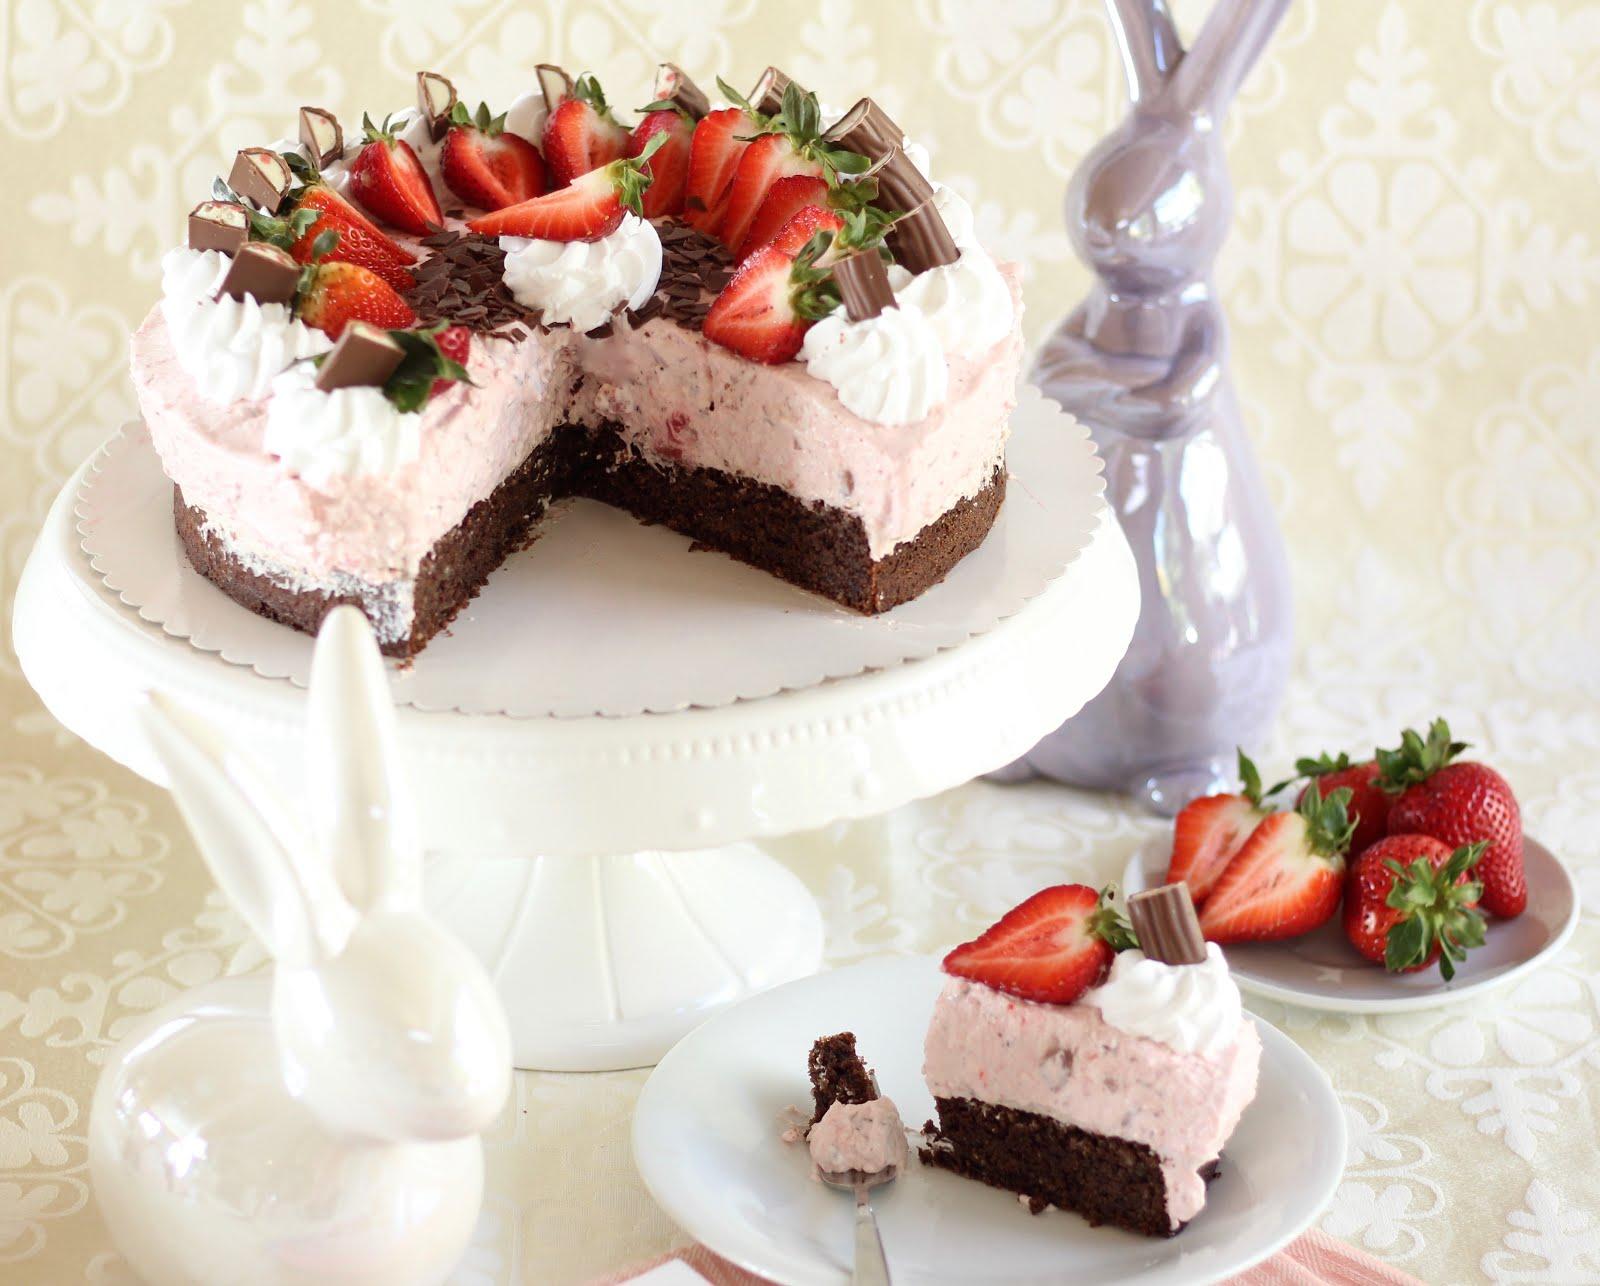 Zarte Erdbeer-Yogurette-Torte / Ostertorte ohne Mehl mit Mandel-Nuss-Boden | Rezept und Video